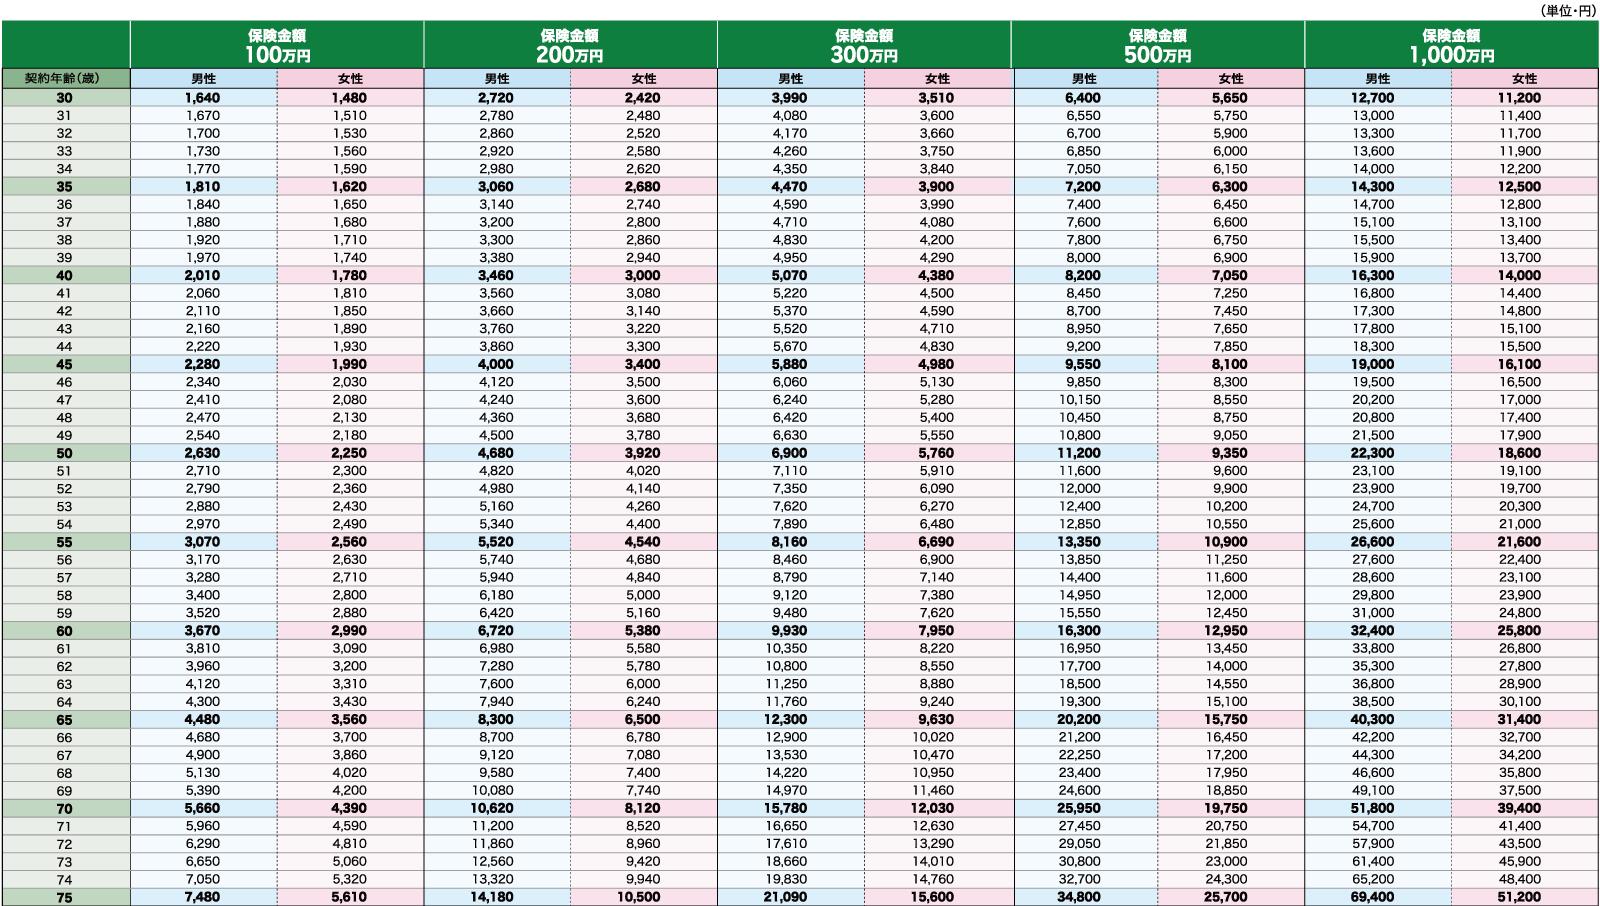 楽天生命スーパー終身保険の保険料の図